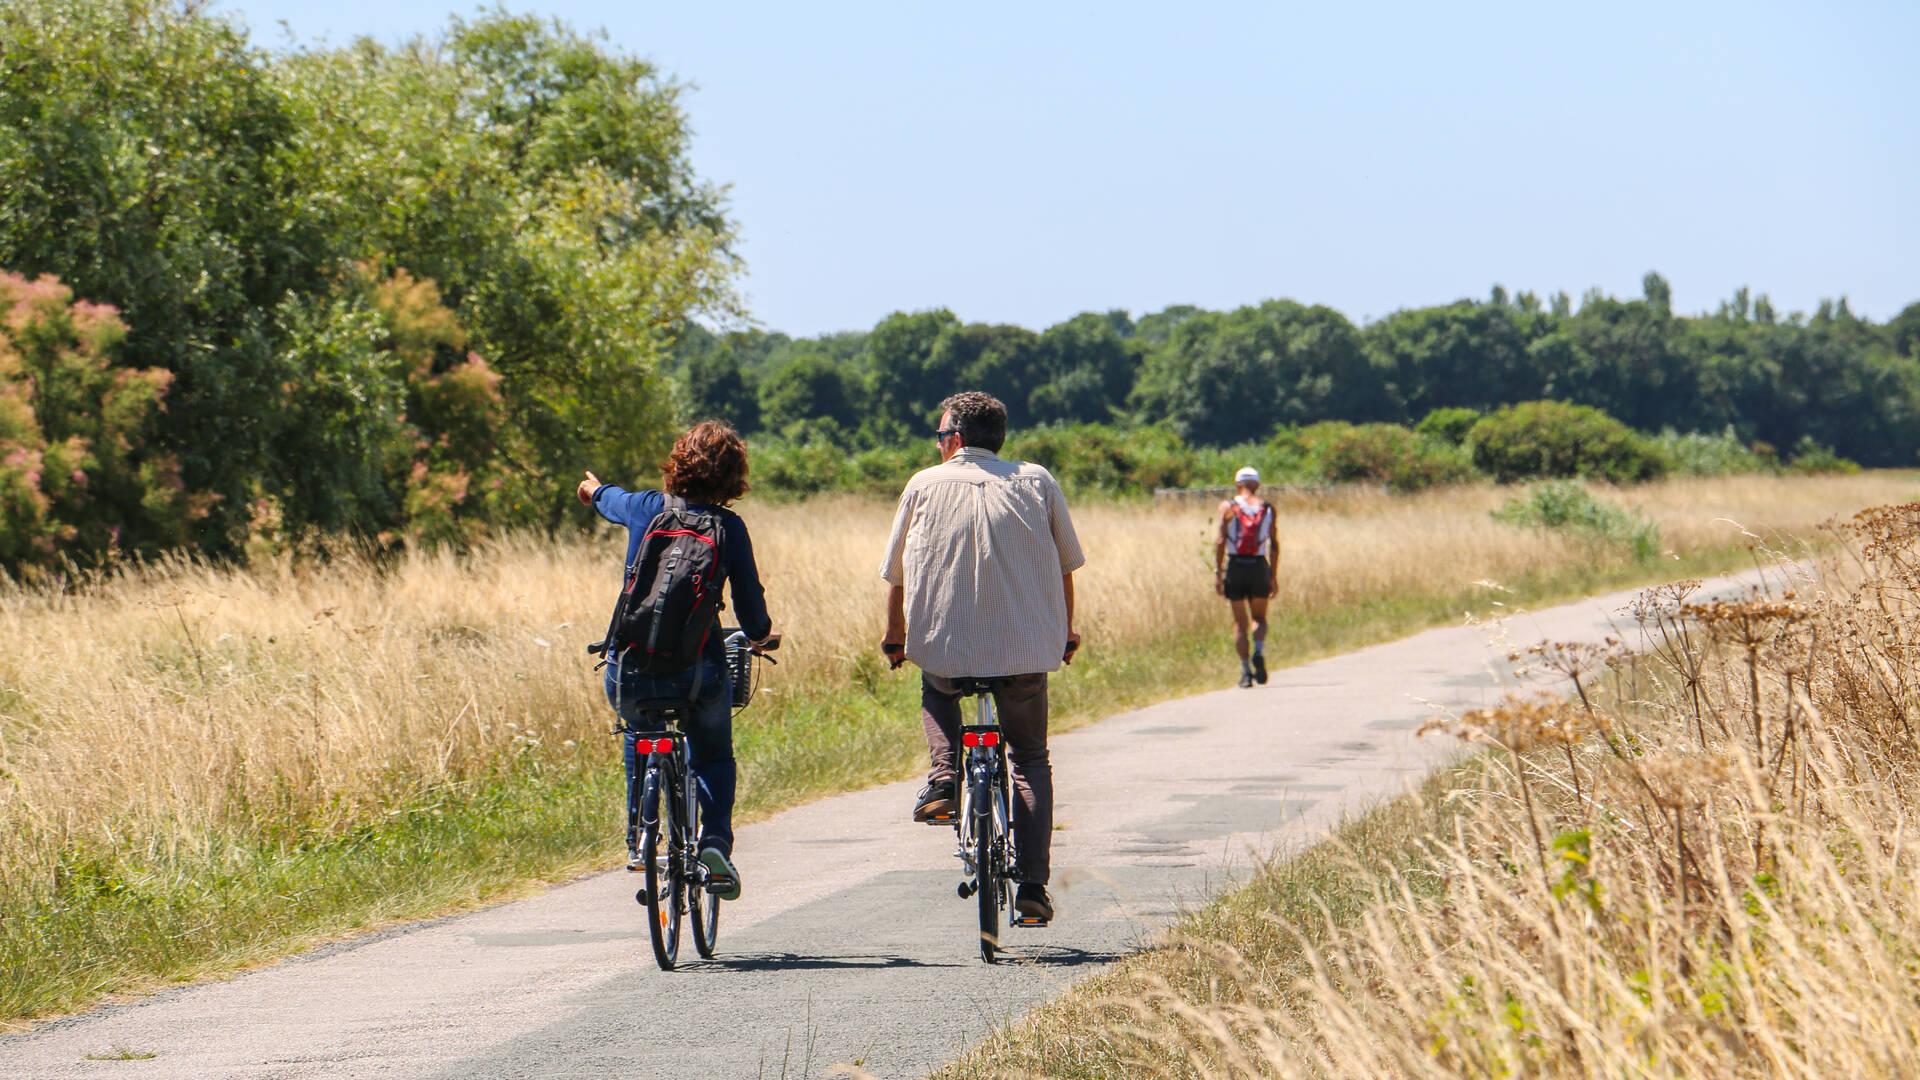 Balade à vélo à la station de lagunage © Steven Boutin Office de Tourisme Rochefort Océan